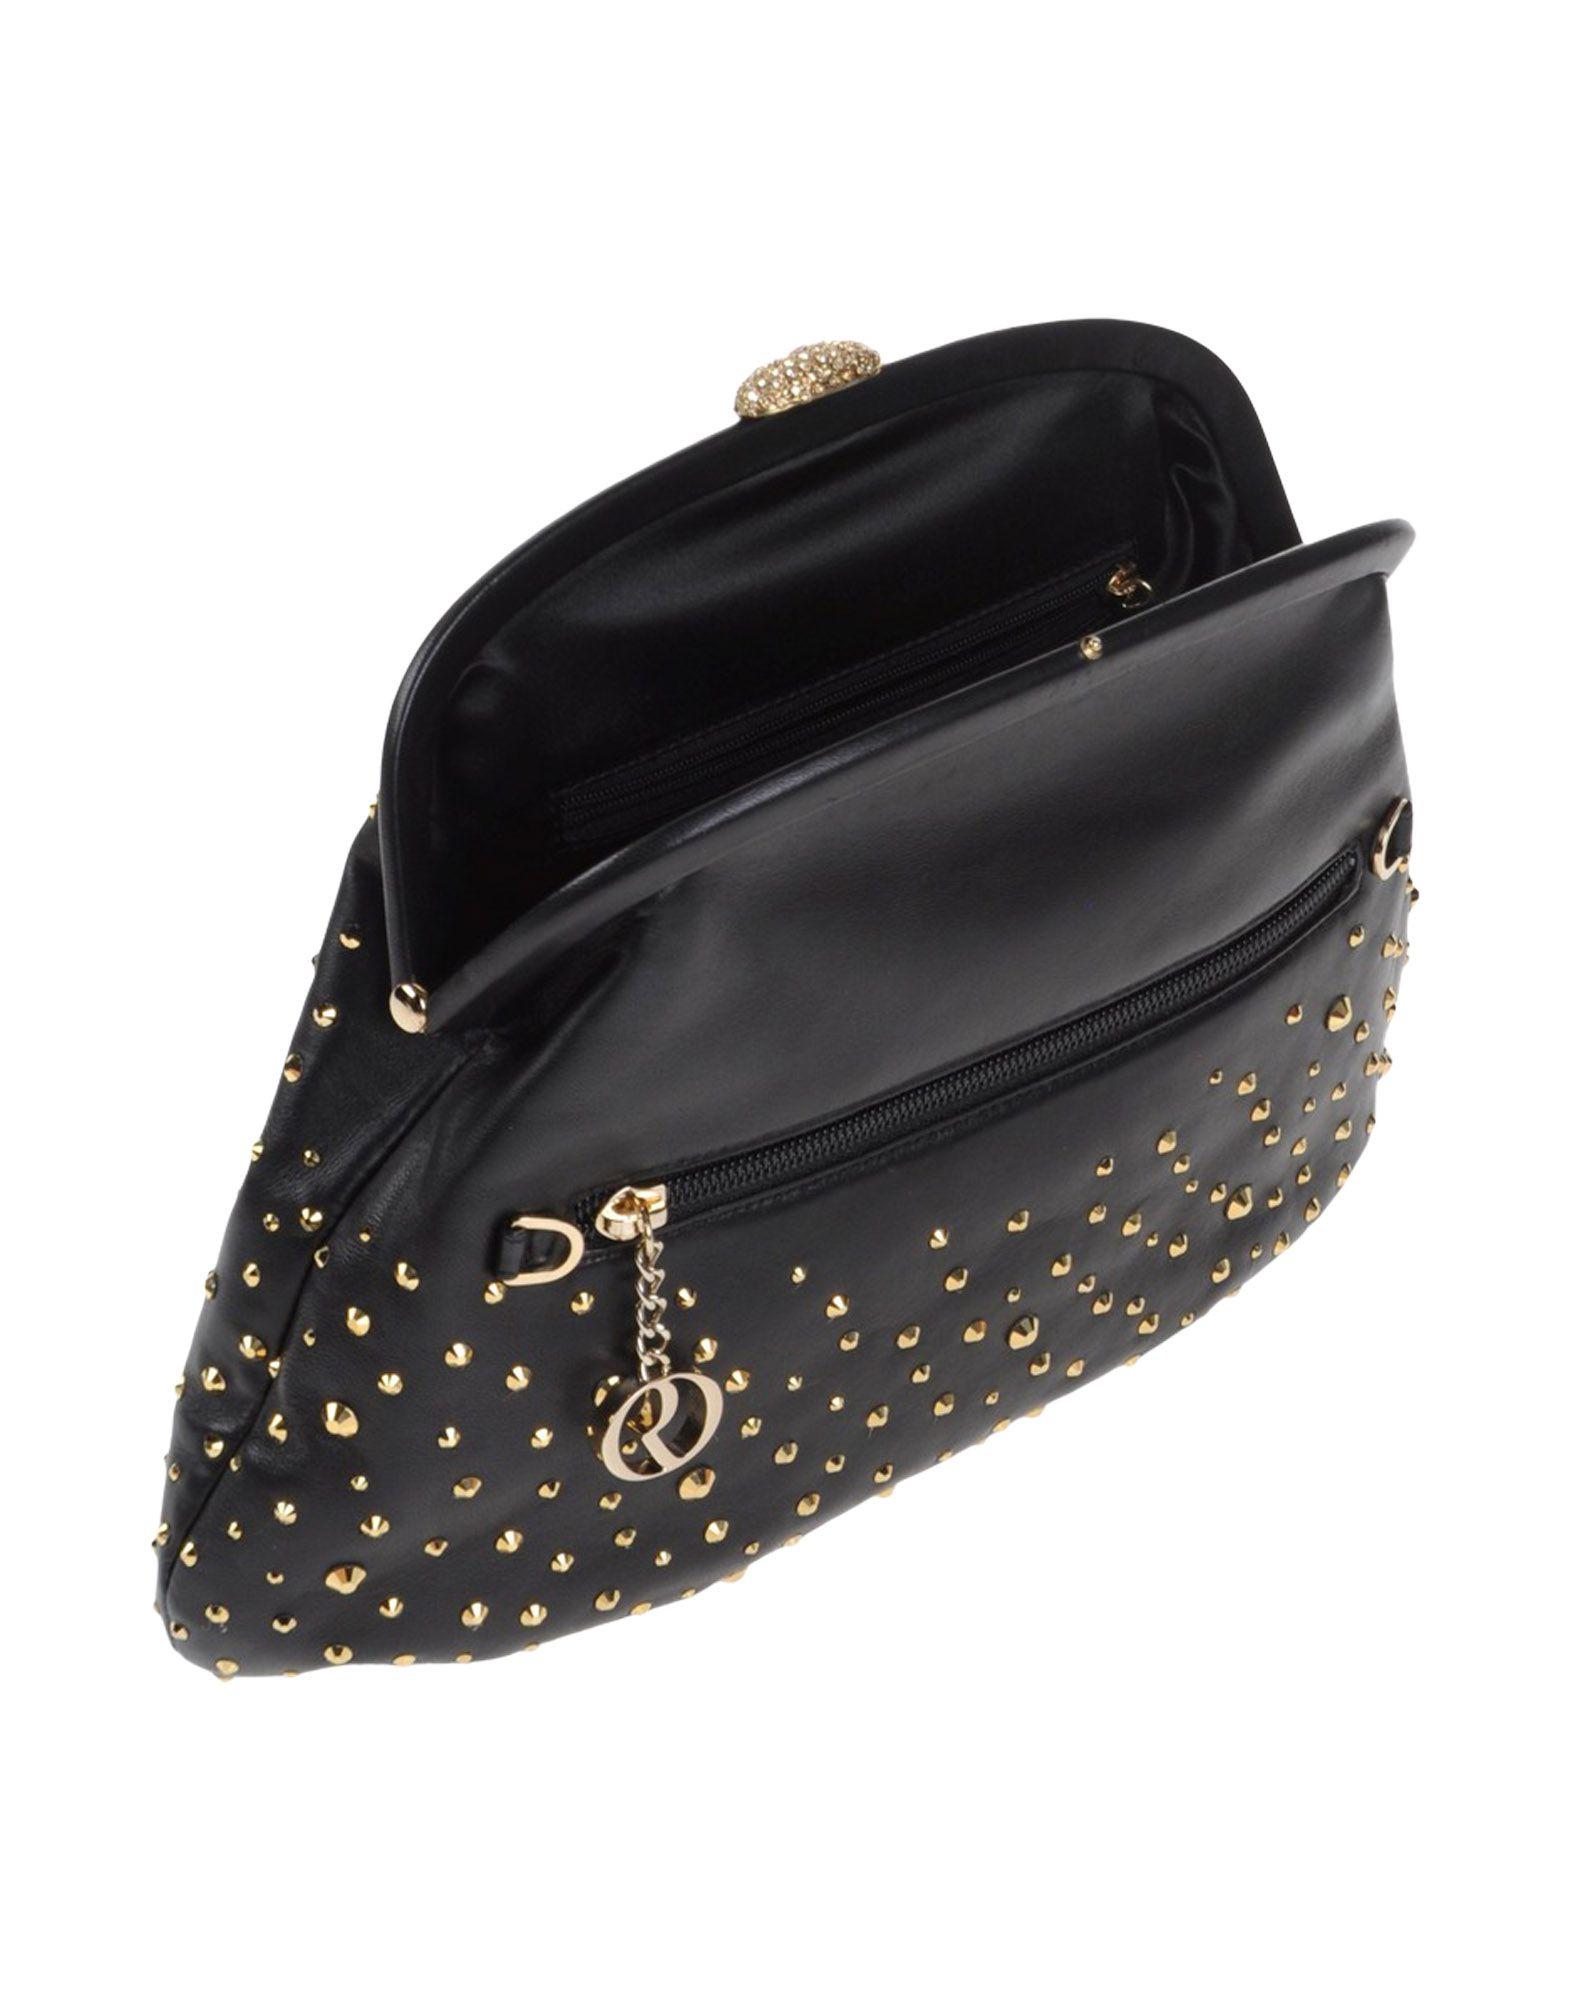 Rodo Handbag in Black - Lyst